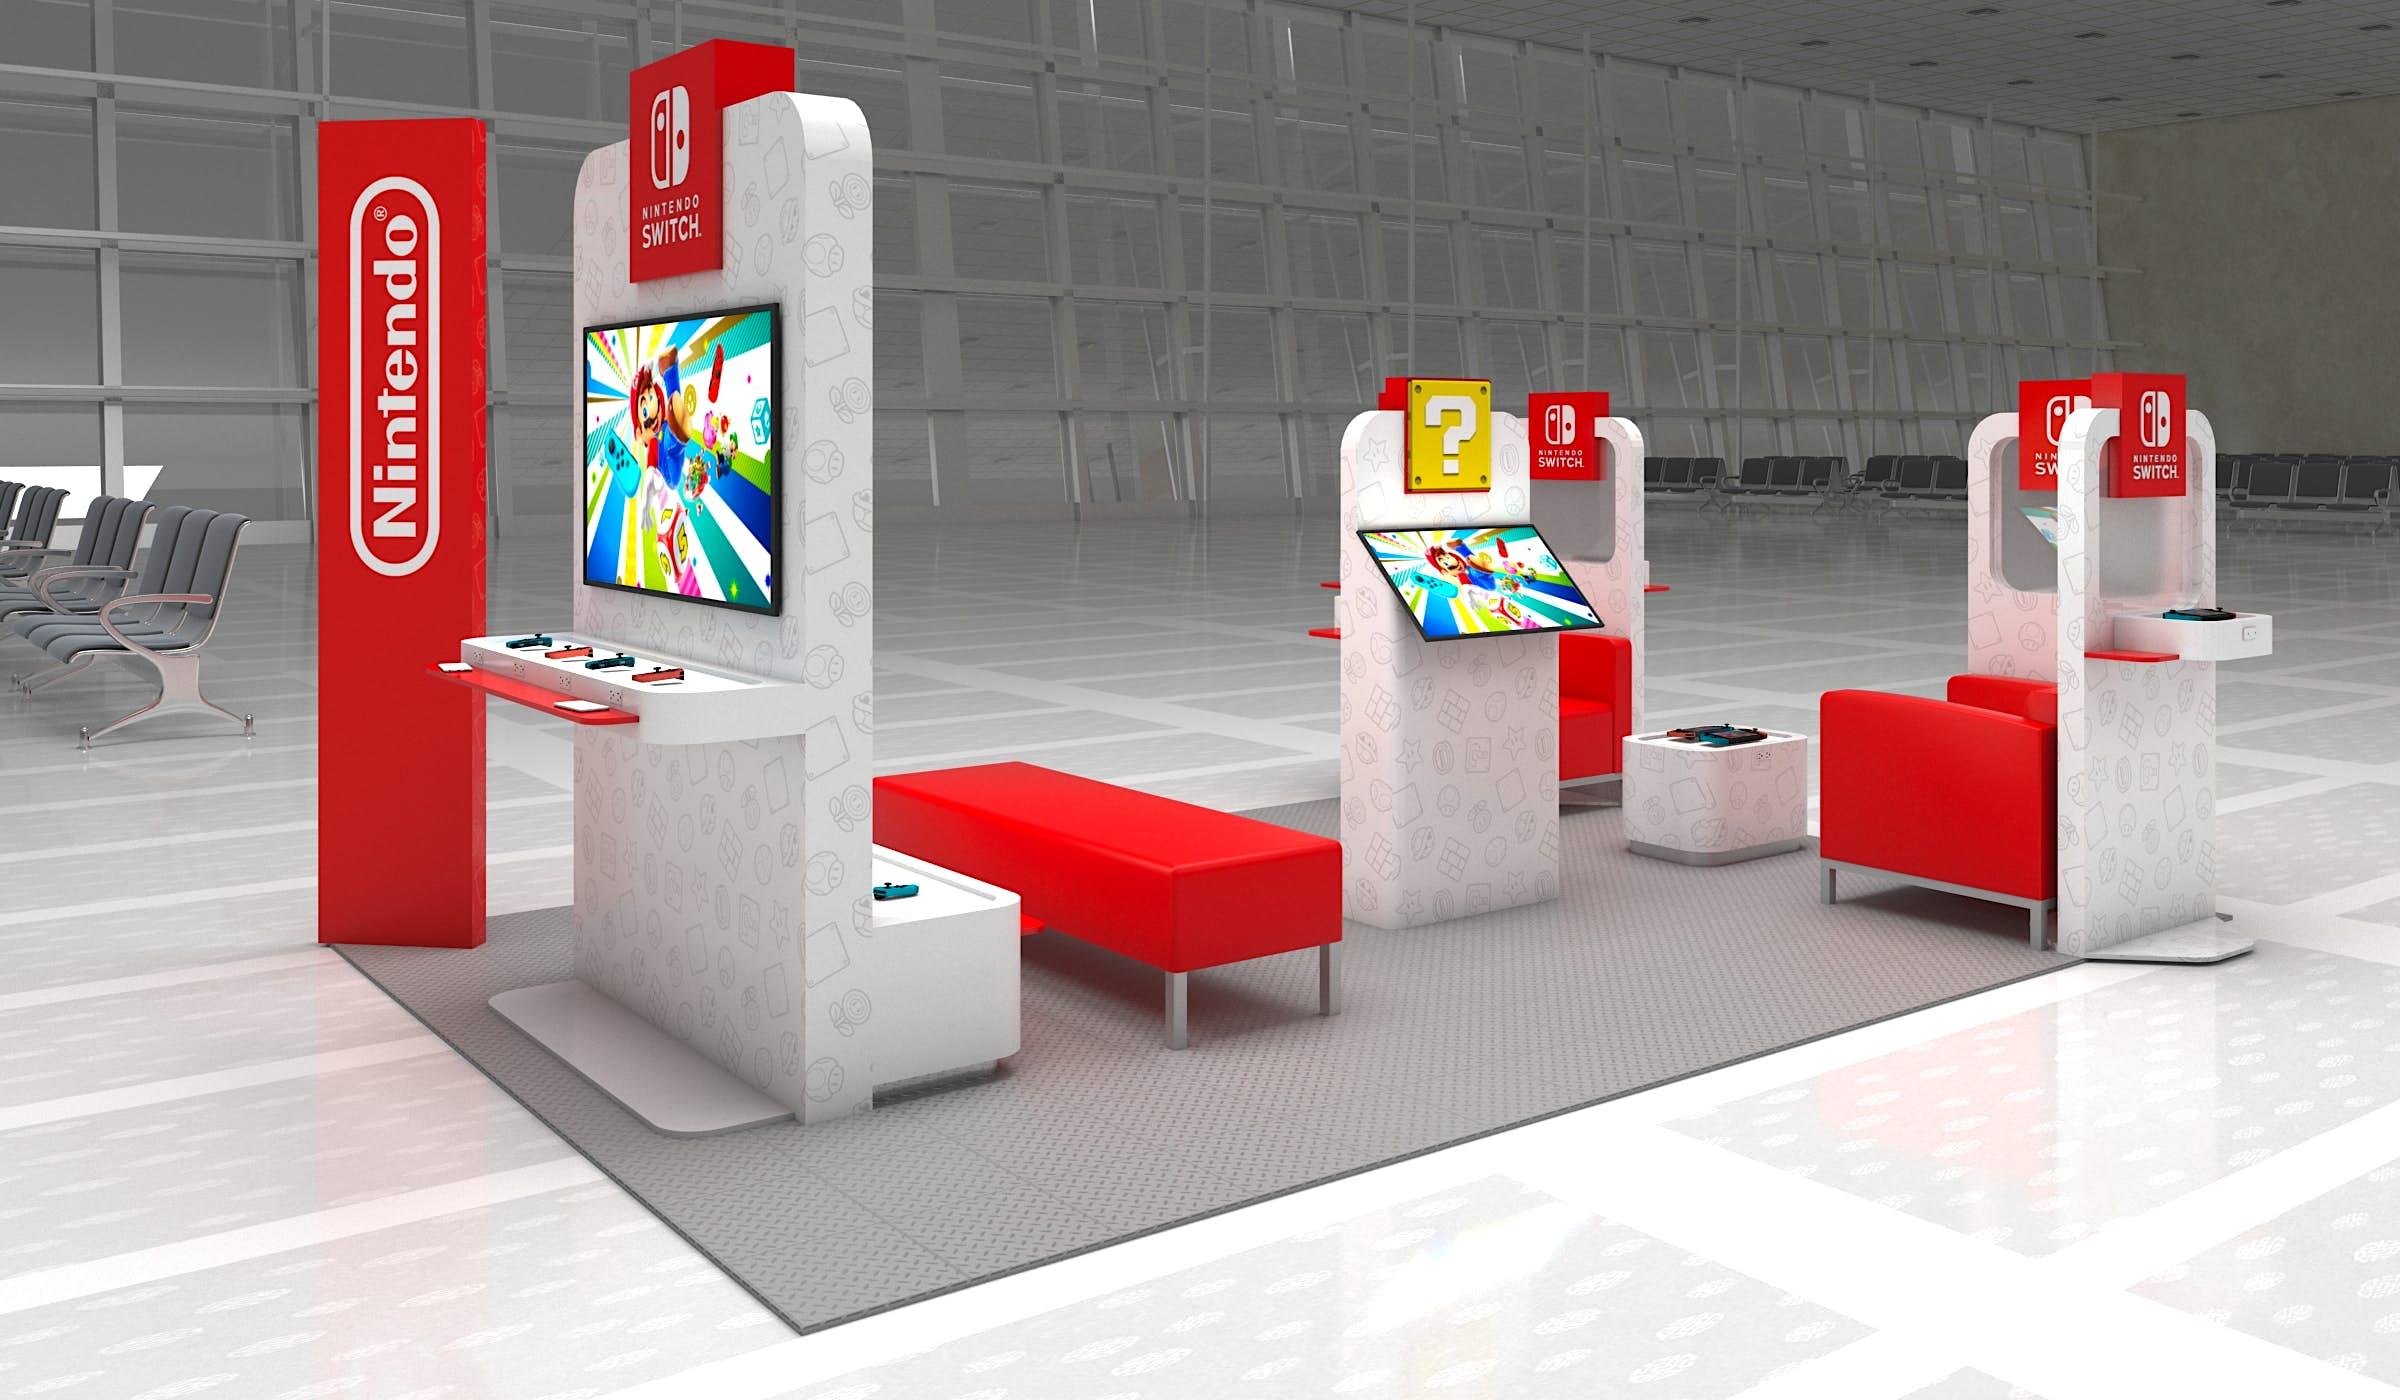 O pop-up da Nintendo no aeroporto Dulles, com cadeiras vermelhas e interruptores disponíveis para jogar